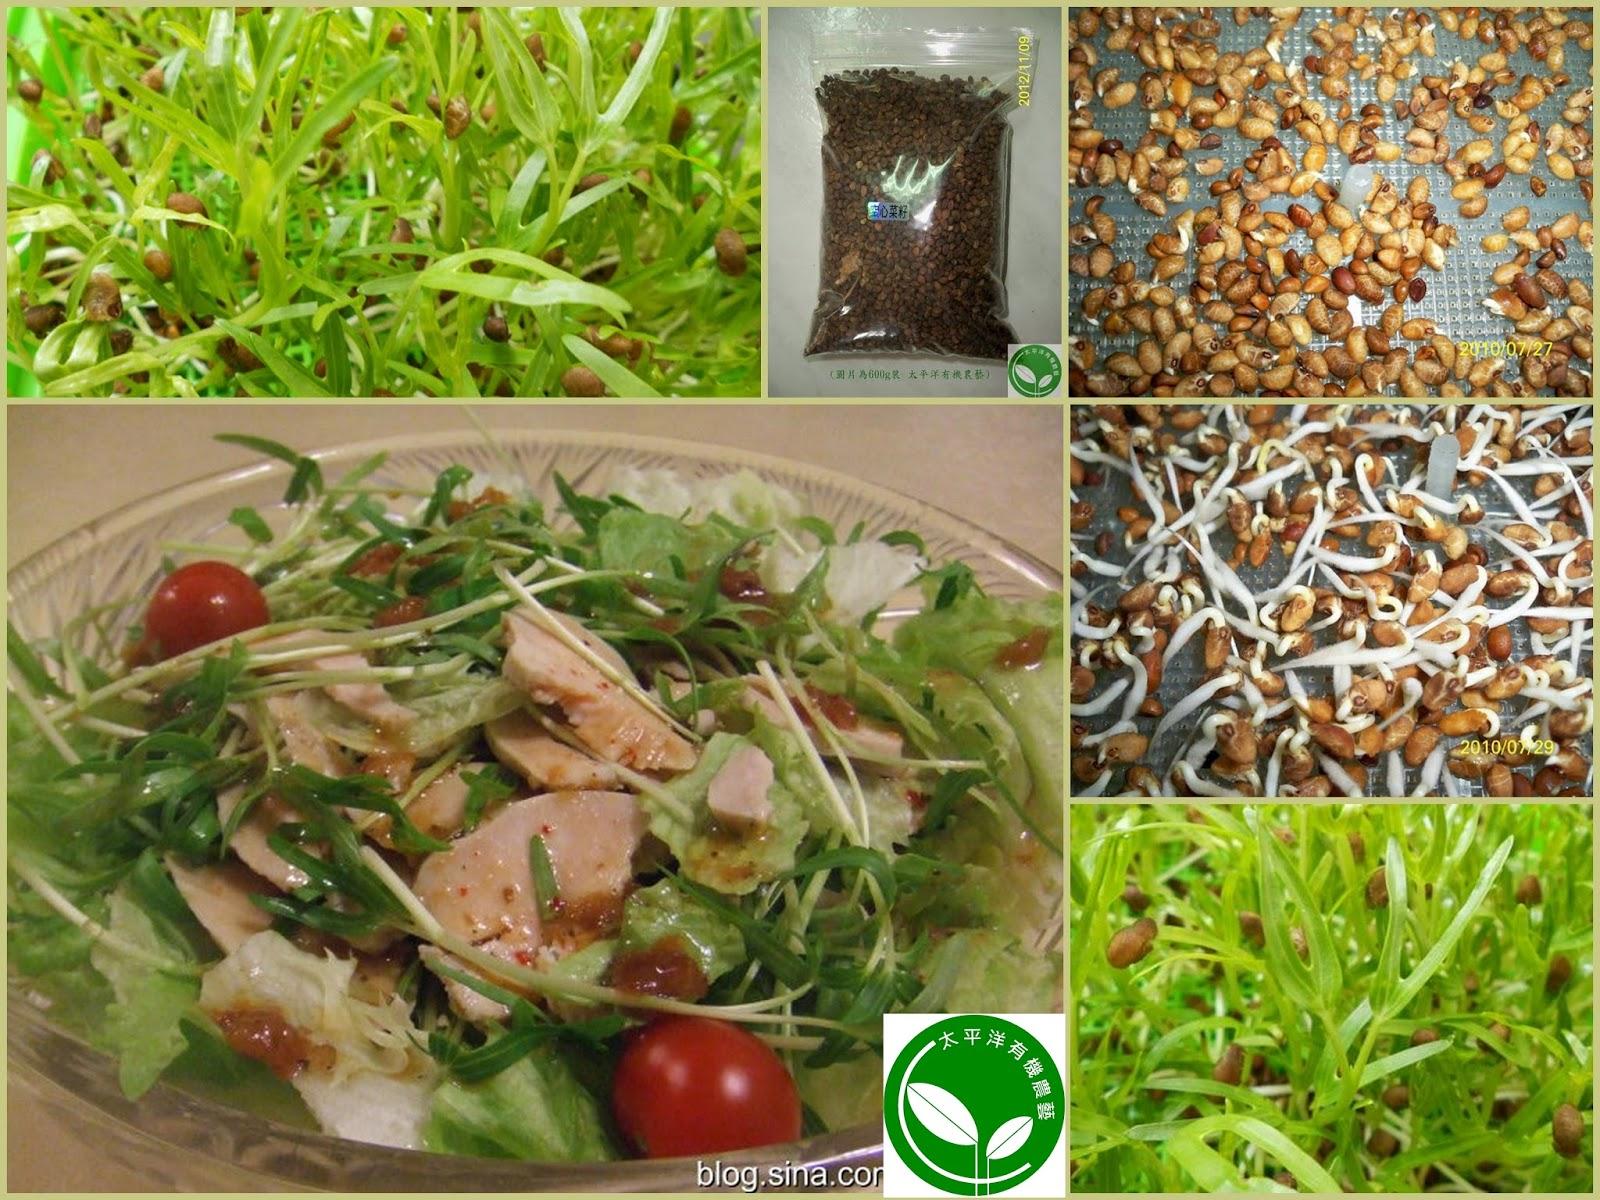 有機黑豆芽、有機苜蓿芽、有機綠花椰芽菜、有機紫高麗芽菜、有機小麥草